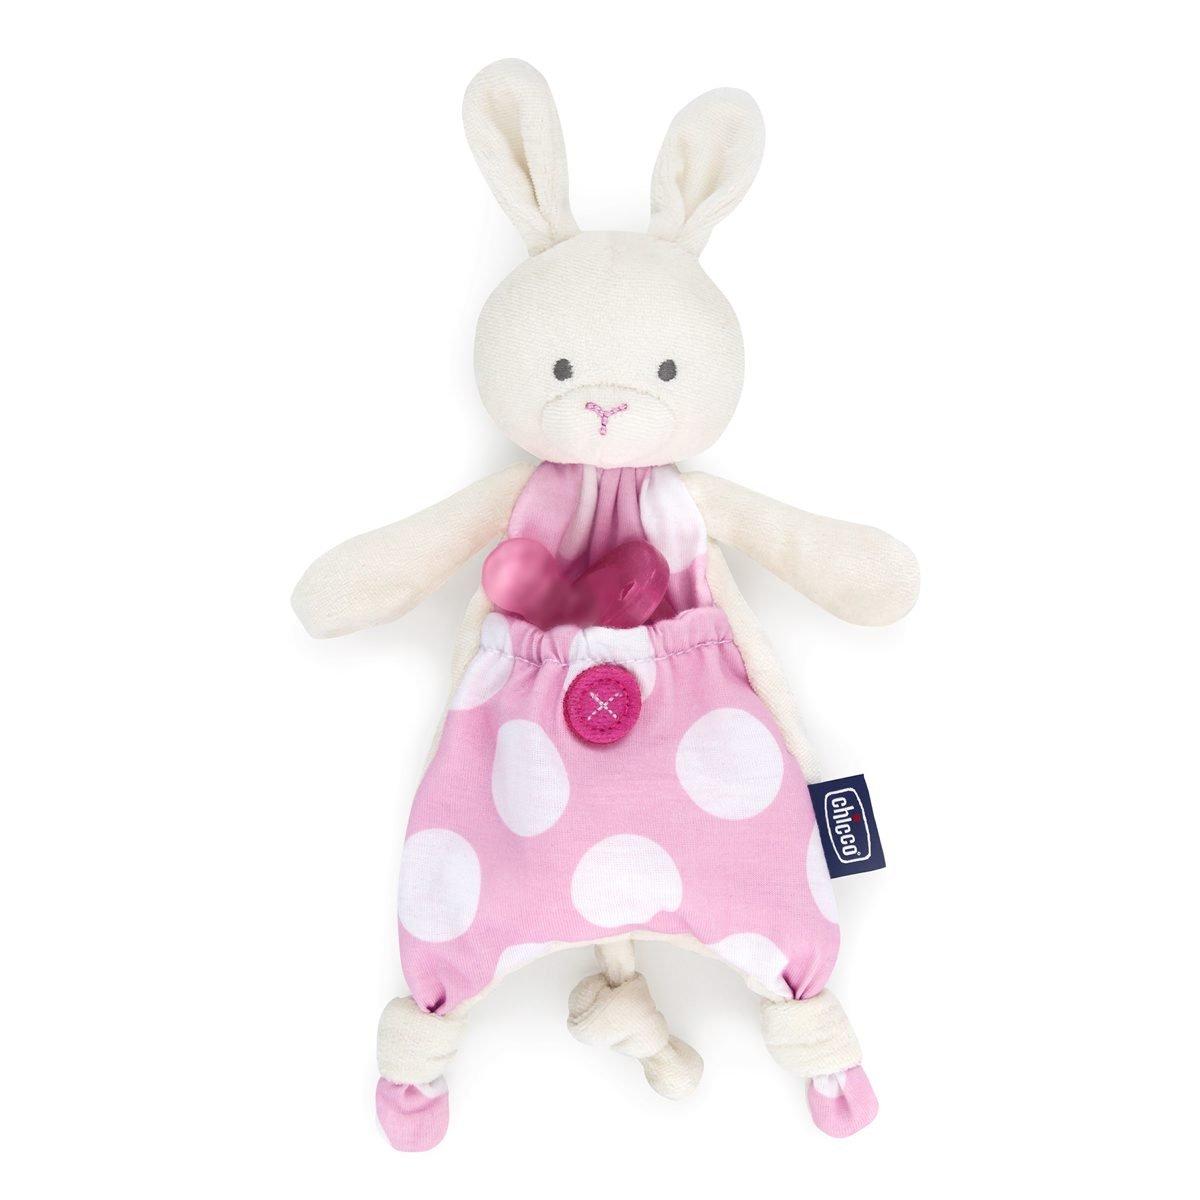 Chicco Pocket Friend - Guarda chupetes de peluche con bolsillo, rosa 00008012100000